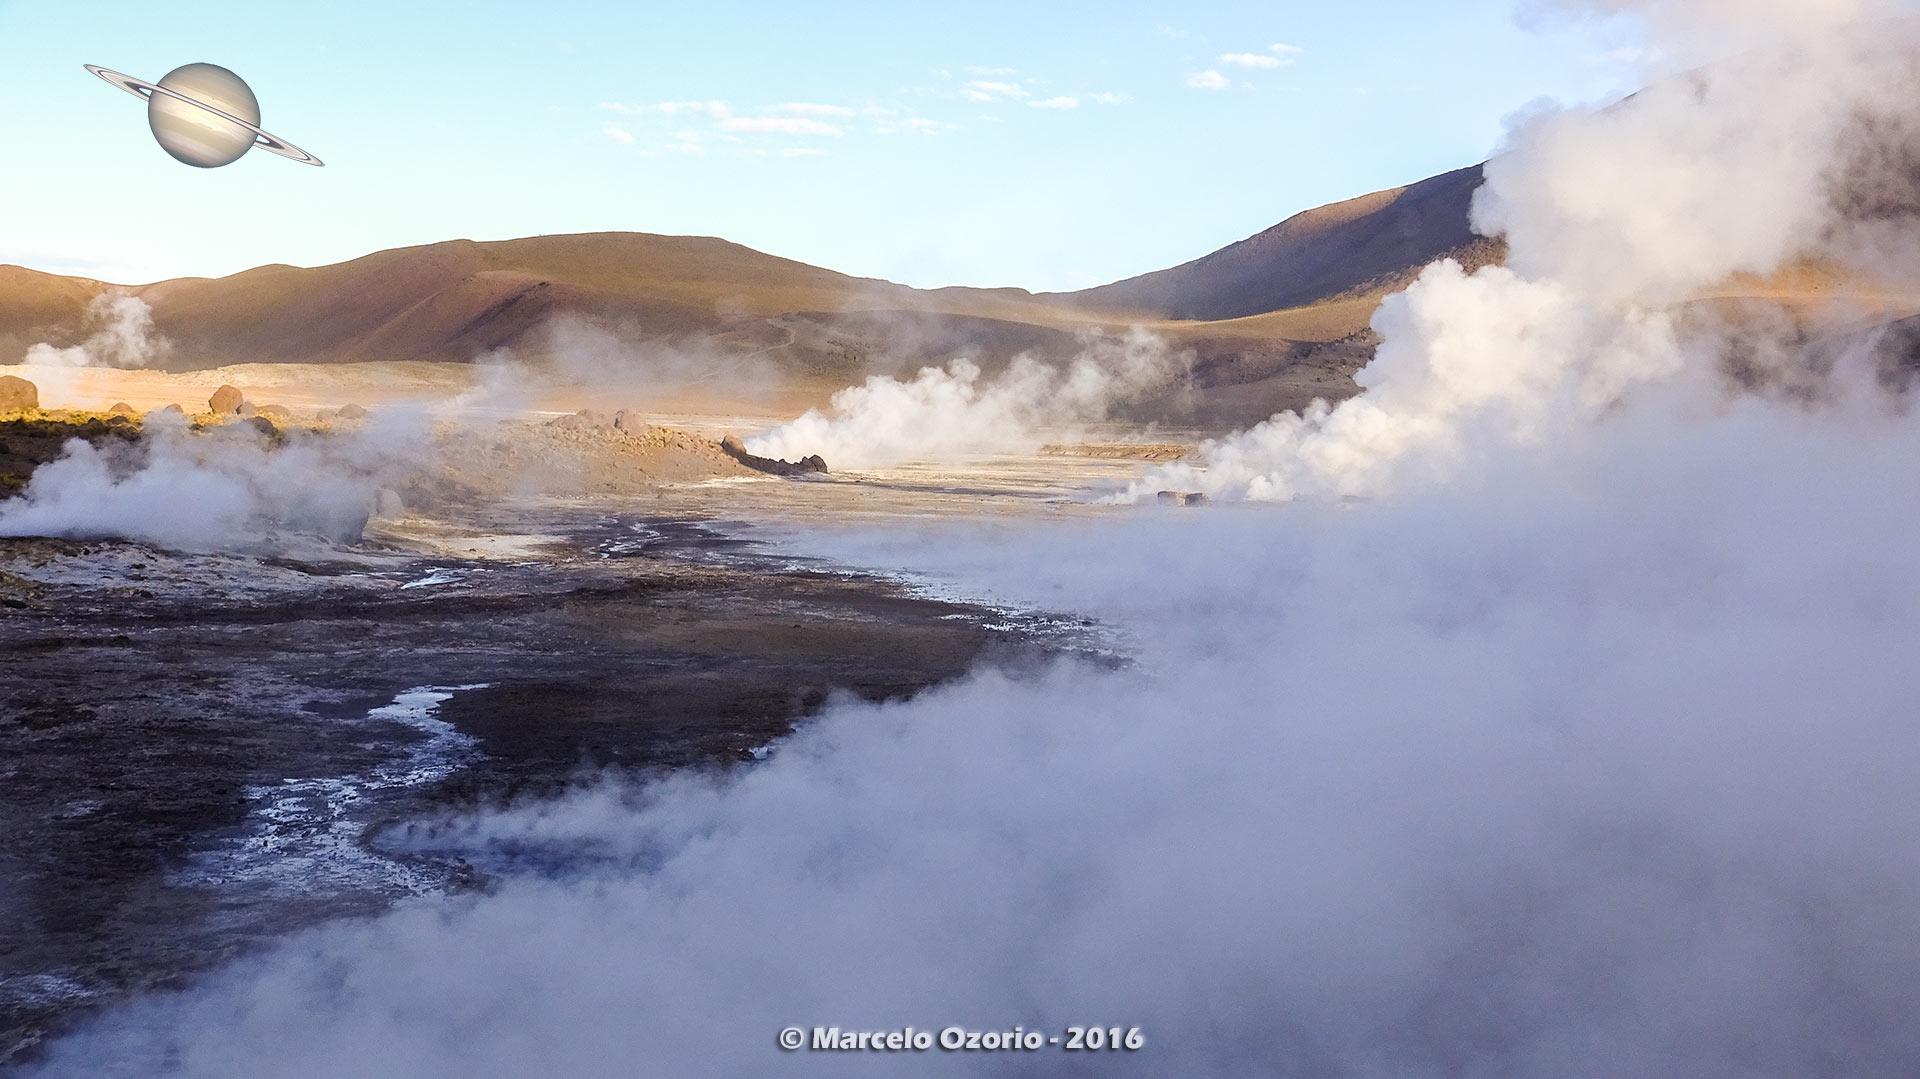 el tatio geysers atacama desert 13 - The Surreal El Tatio Geysers - Atacama Desert - Chile